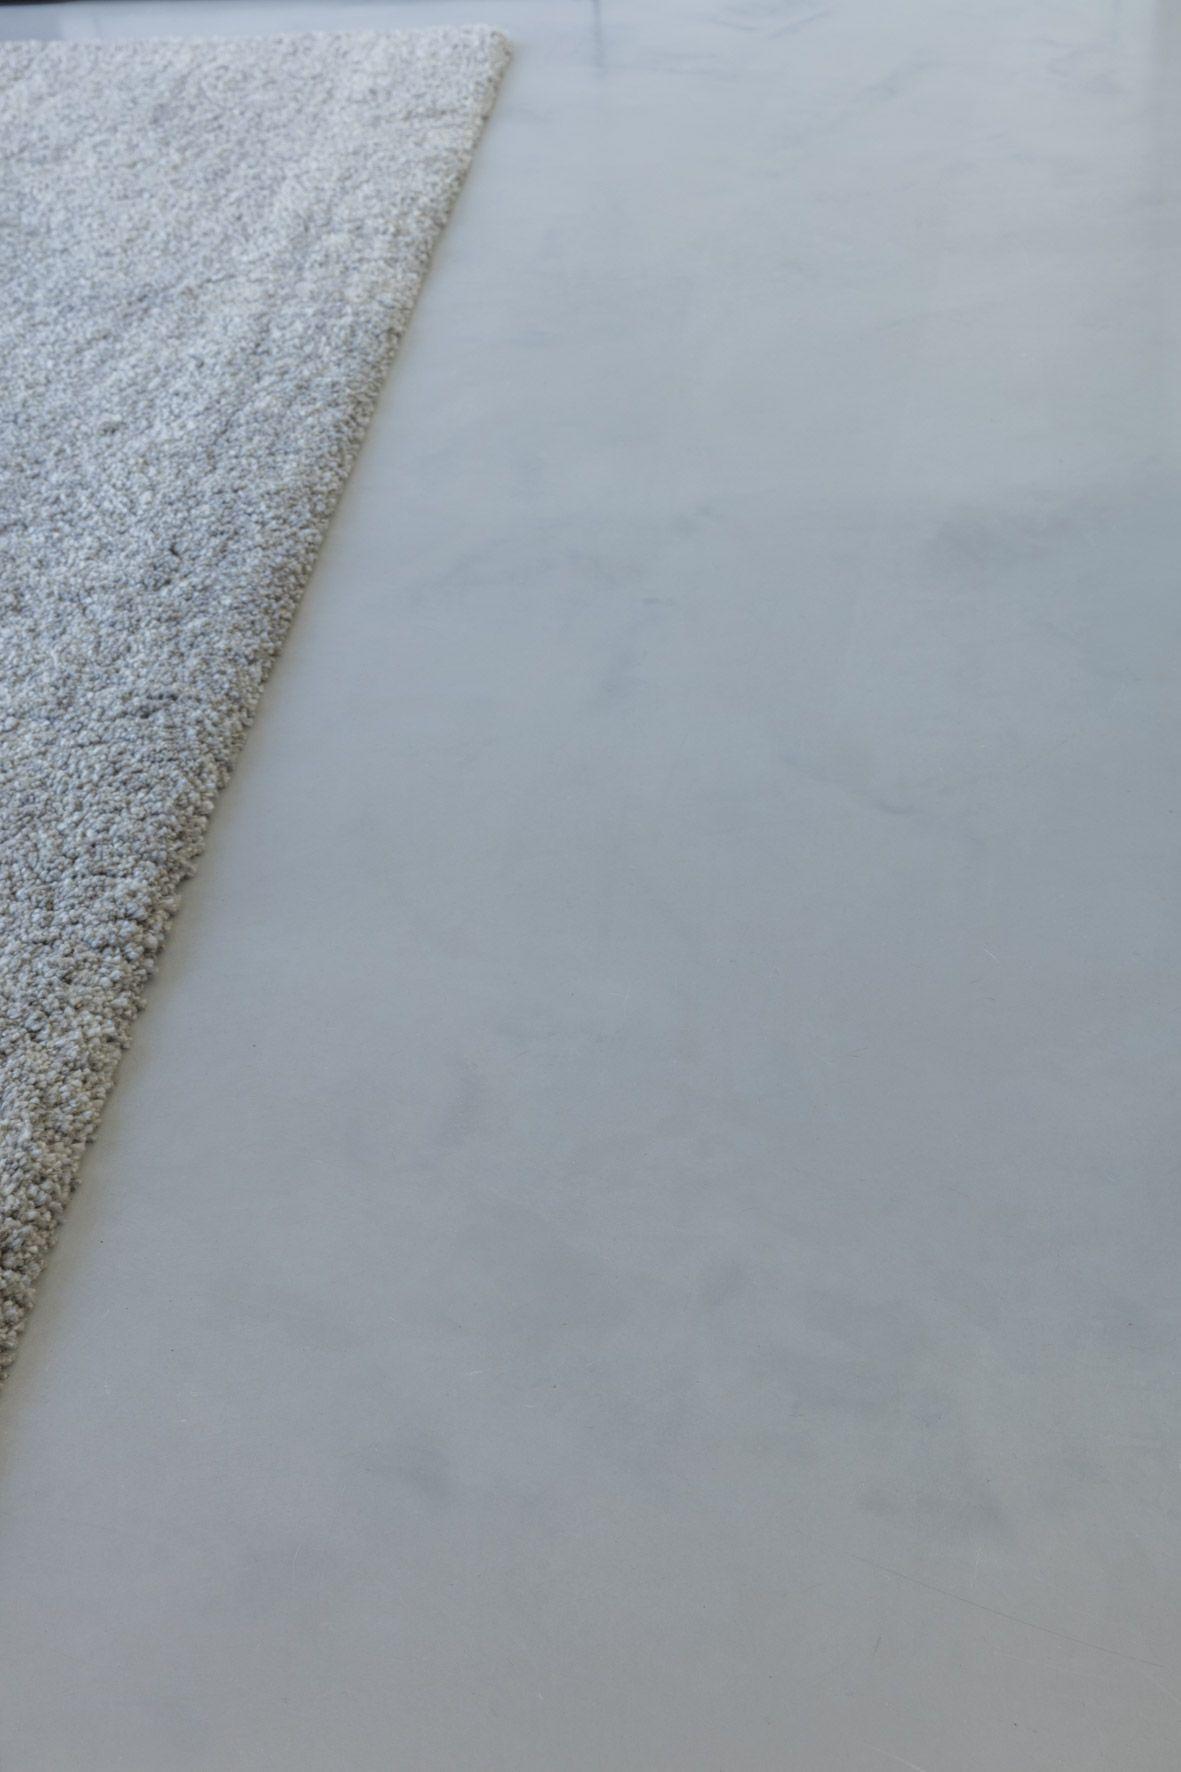 nieuw bij tommy netten betondesign nieuwsgierig geworden kom